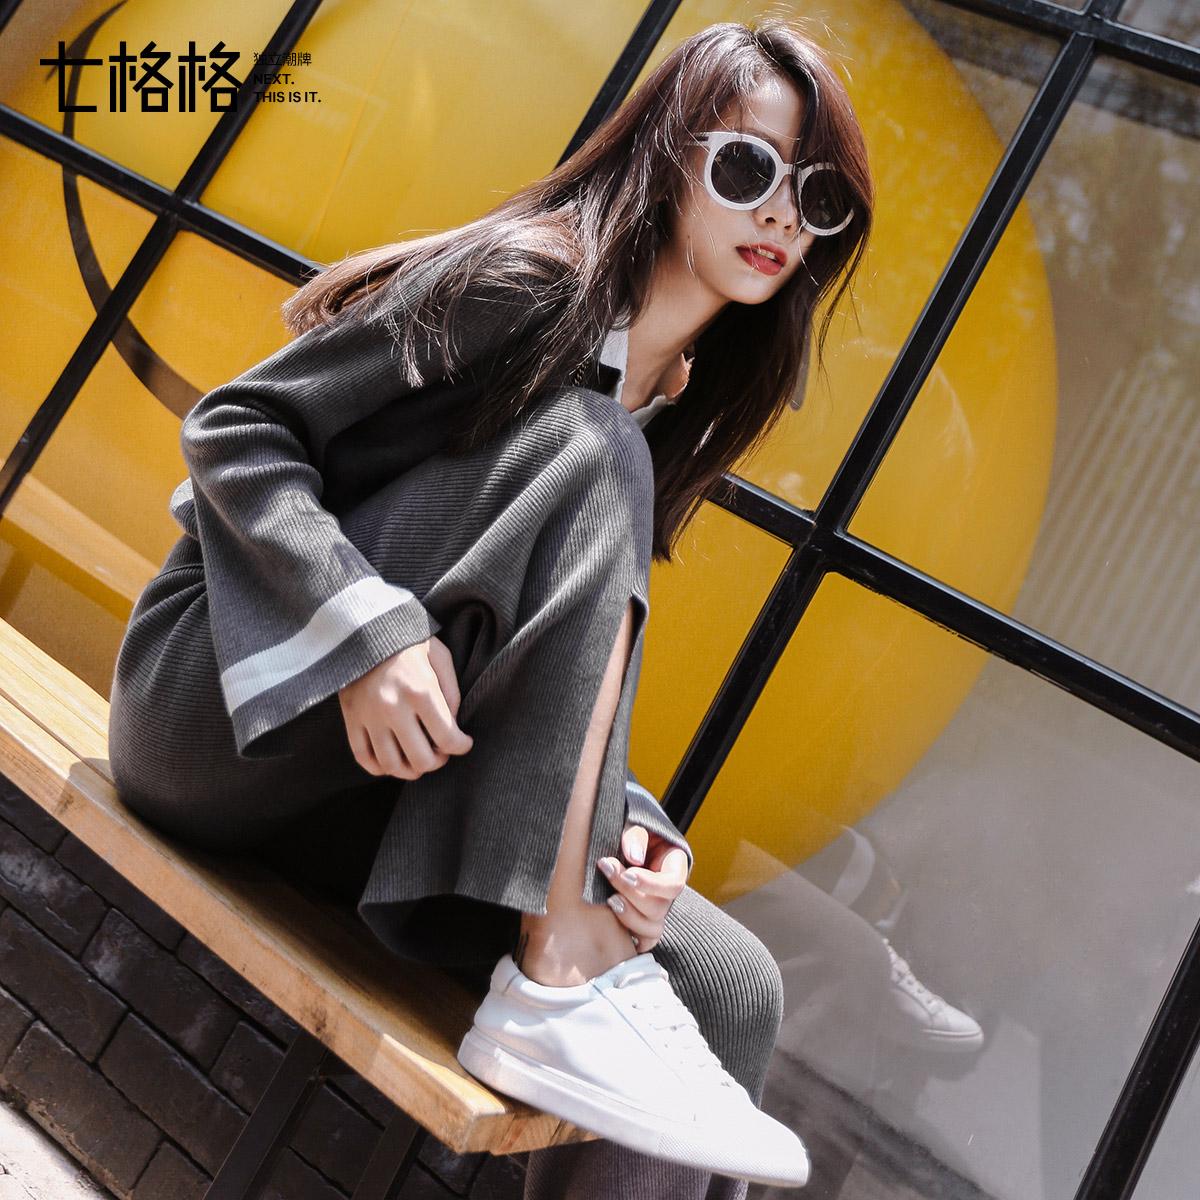 秋季针织衫套装女装阔腿裤时尚潮2017新款两件套韩版宽松休闲运动